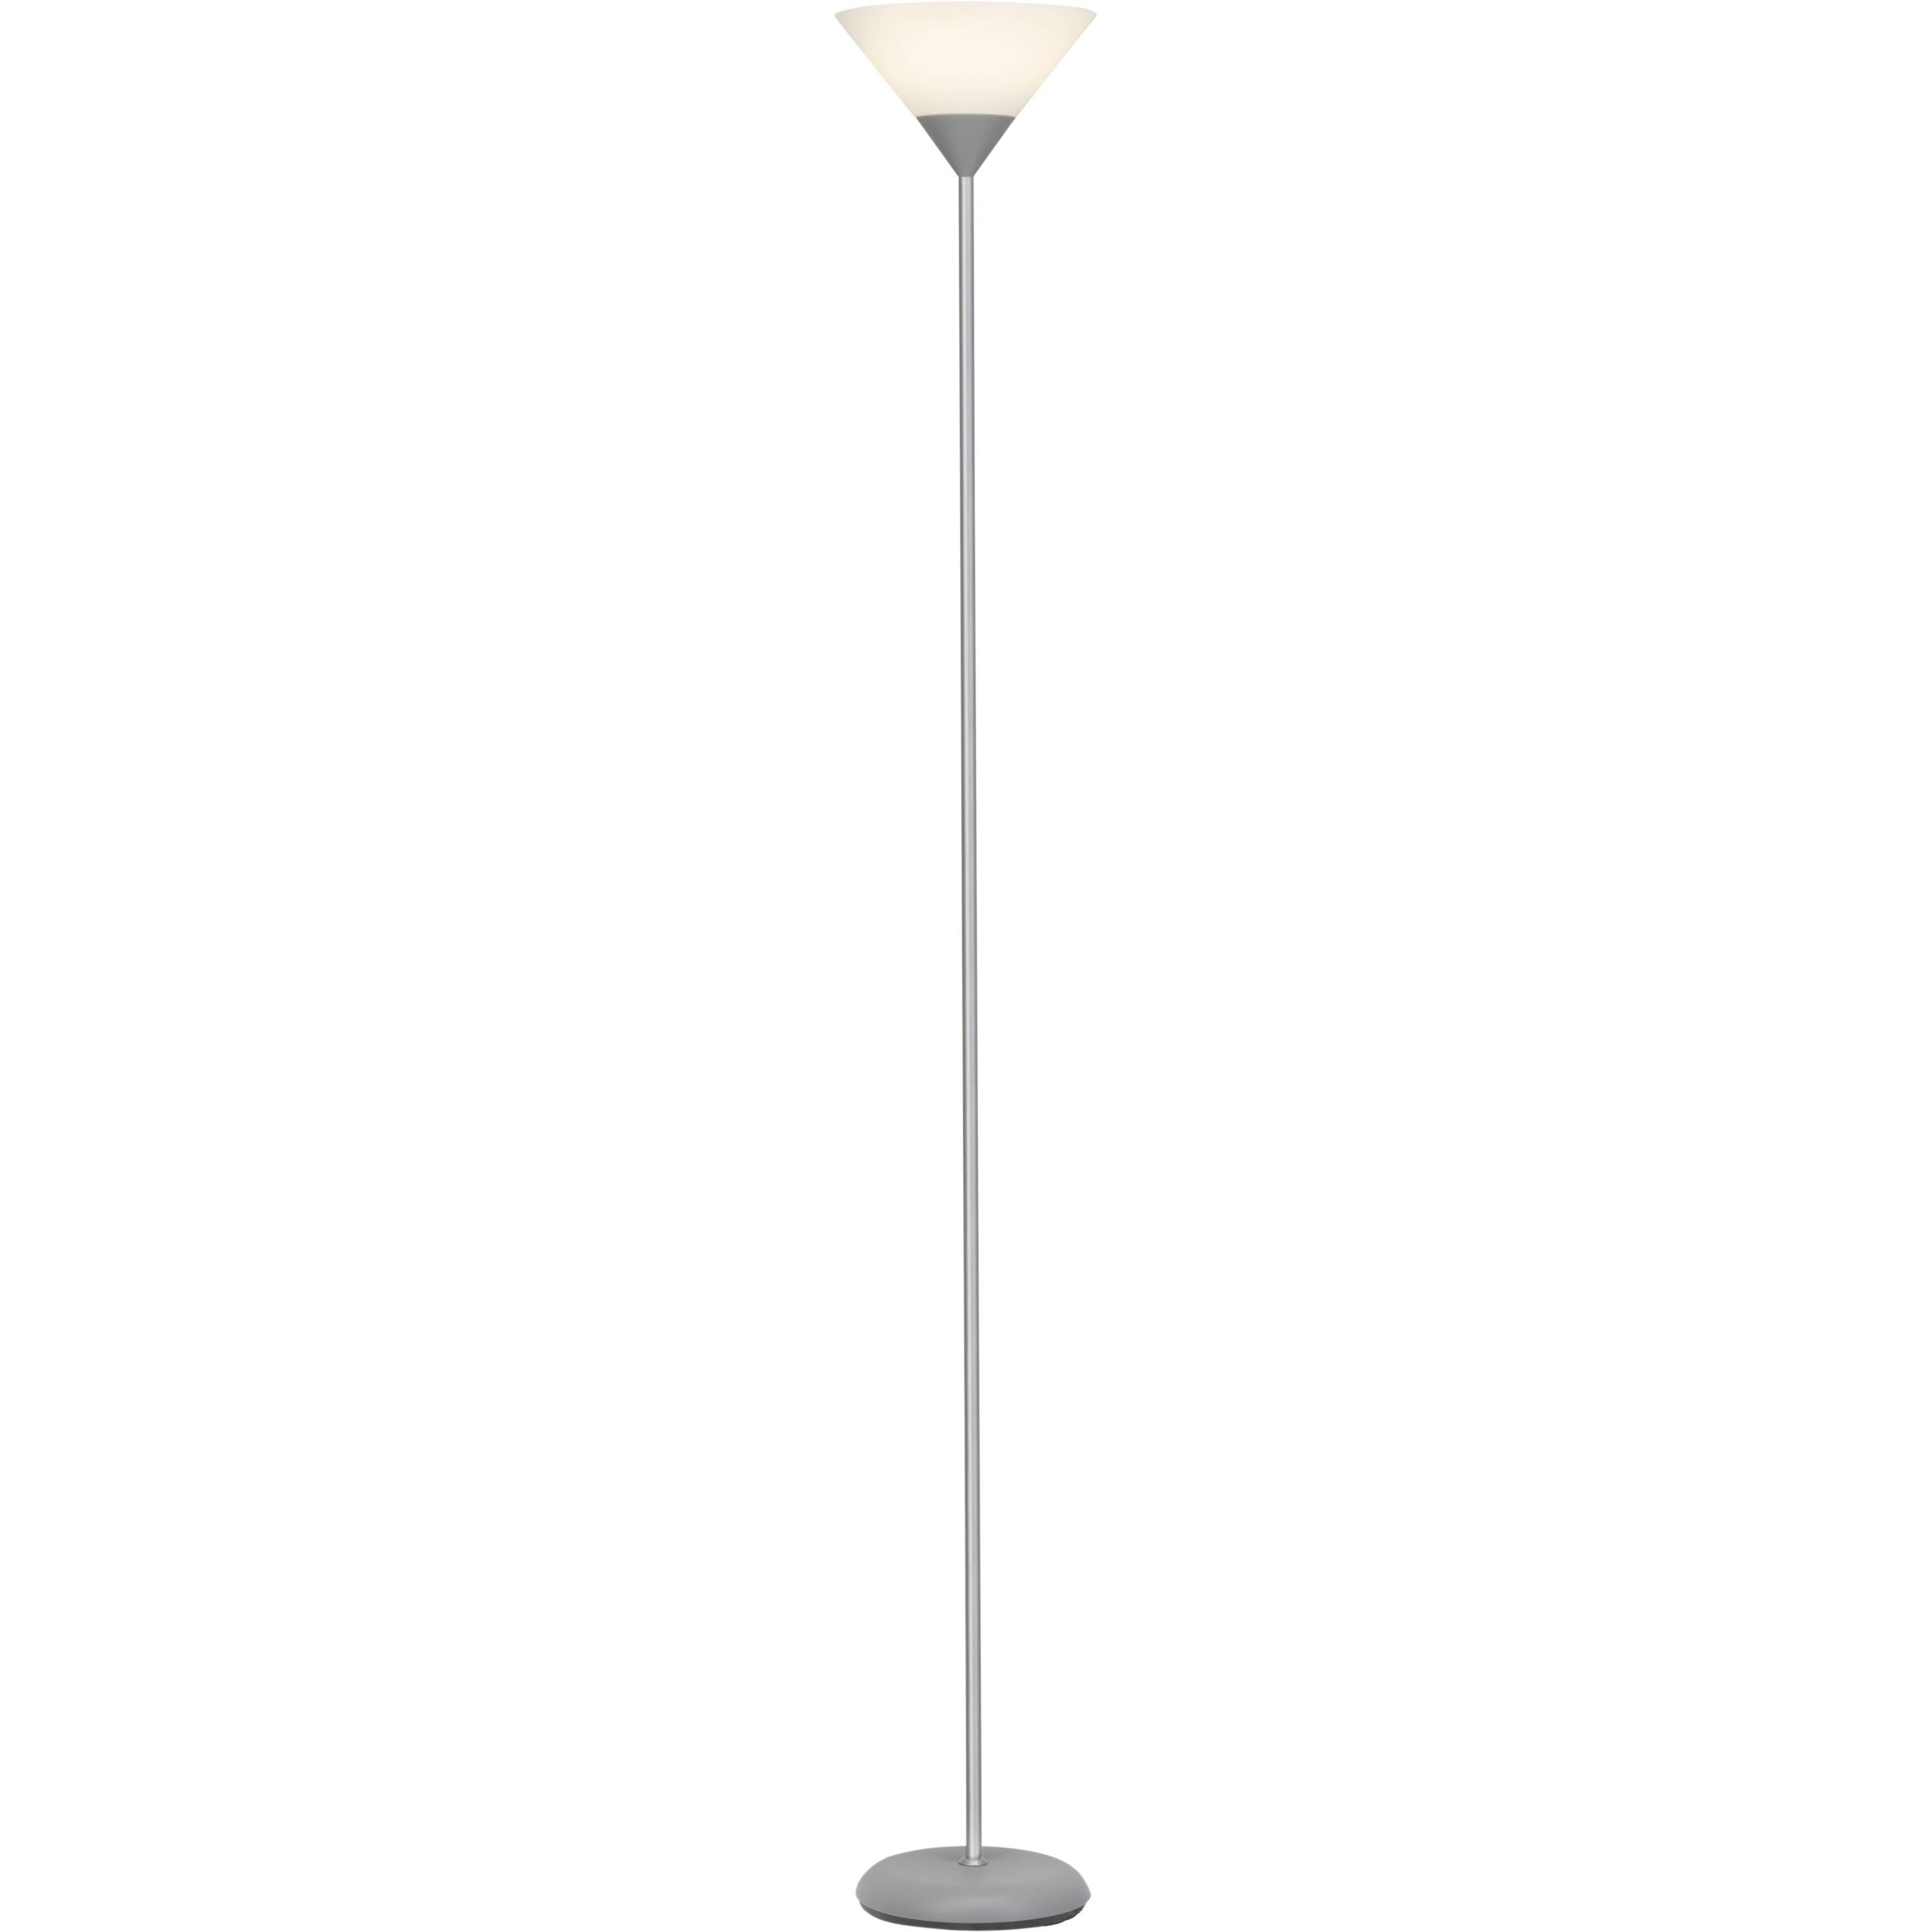 Brilliant Leuchten Spari LED Deckenfluter silber/weiß